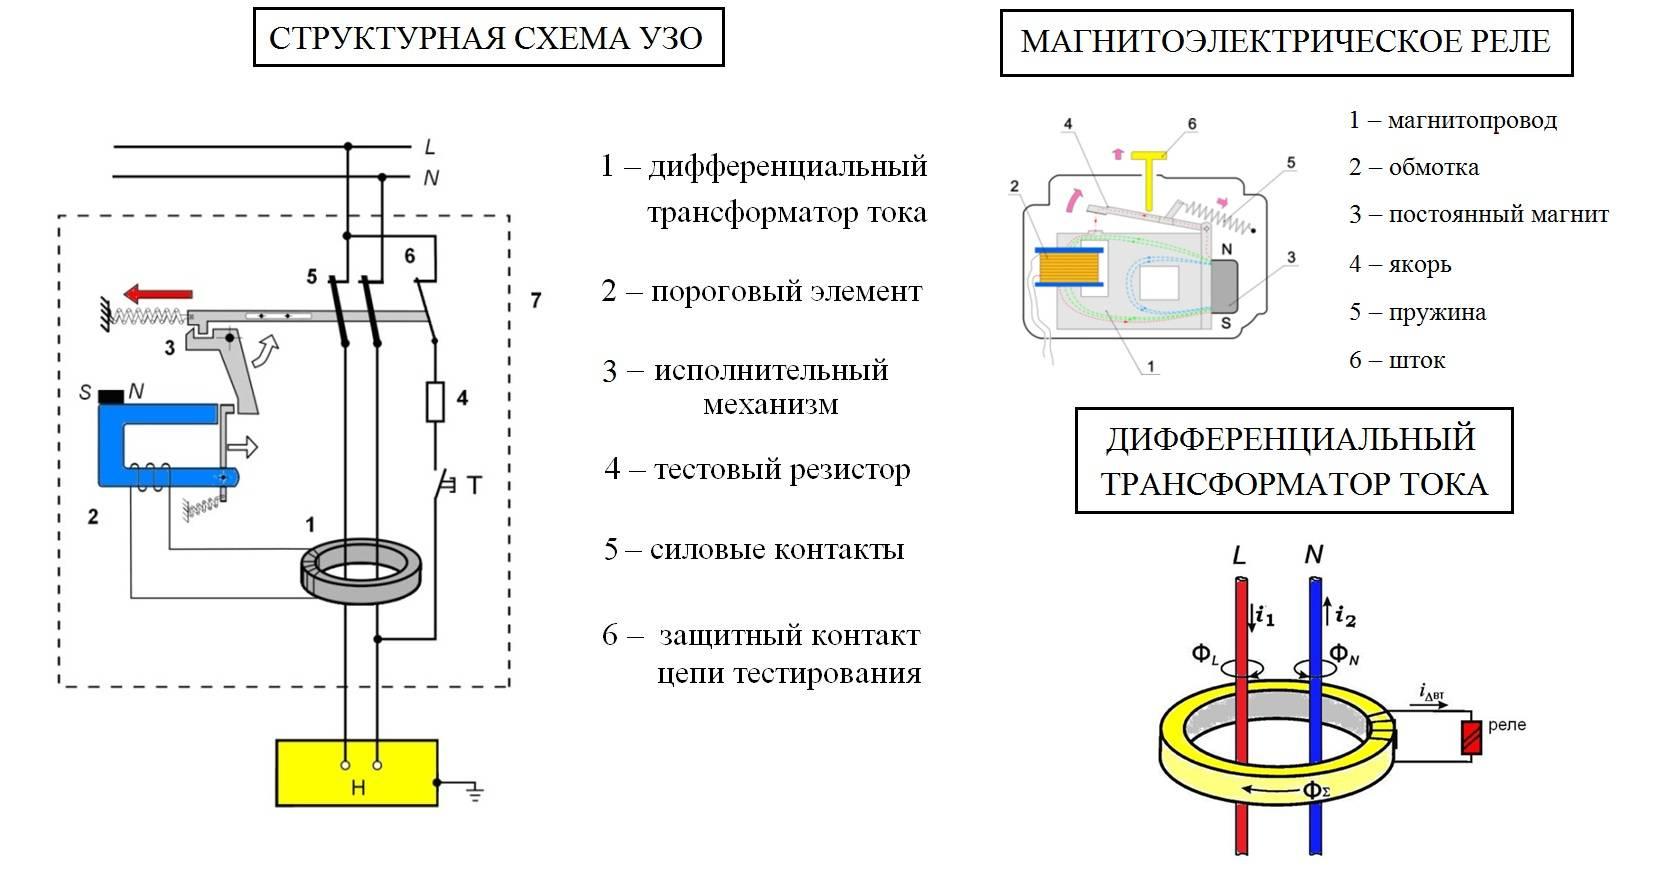 Подключение трехфазного двигателя к трехфазной сети: существующие схемы